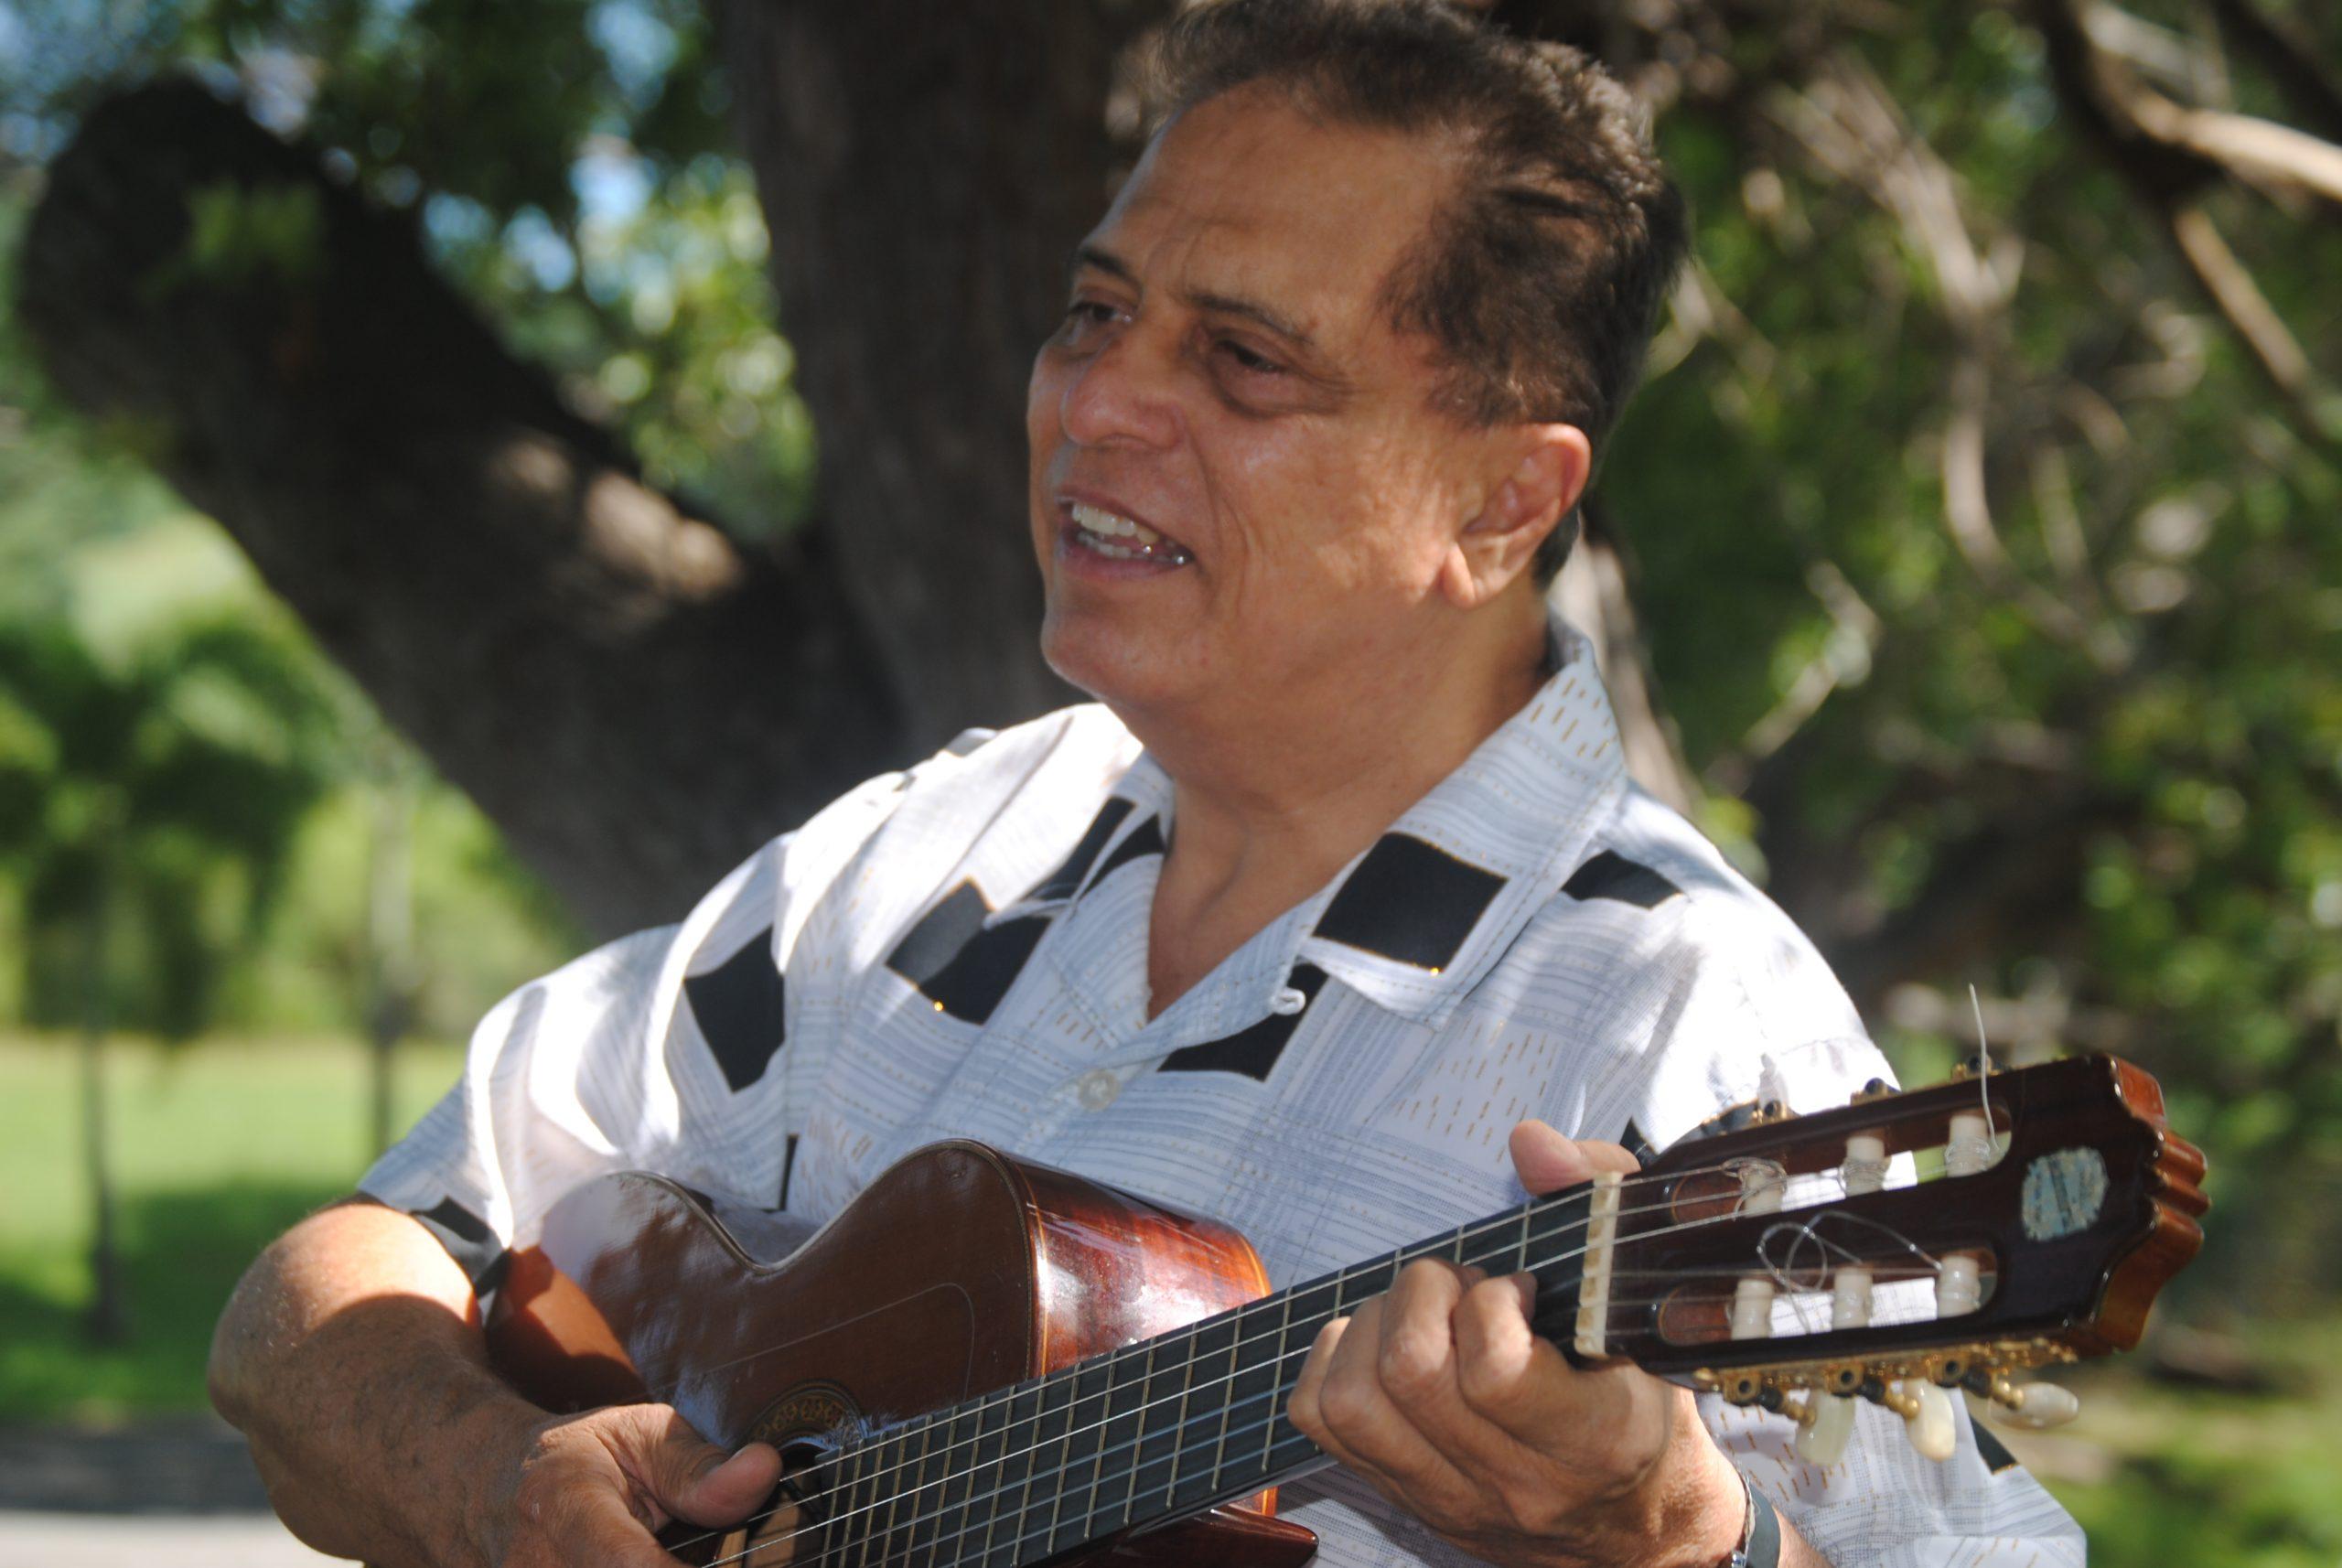 El cantautor lamenta el alto grado de politización que atraviesa el País. (Foto Jaime Torres Torres para Fundación Nacional para la Cultura Popular)